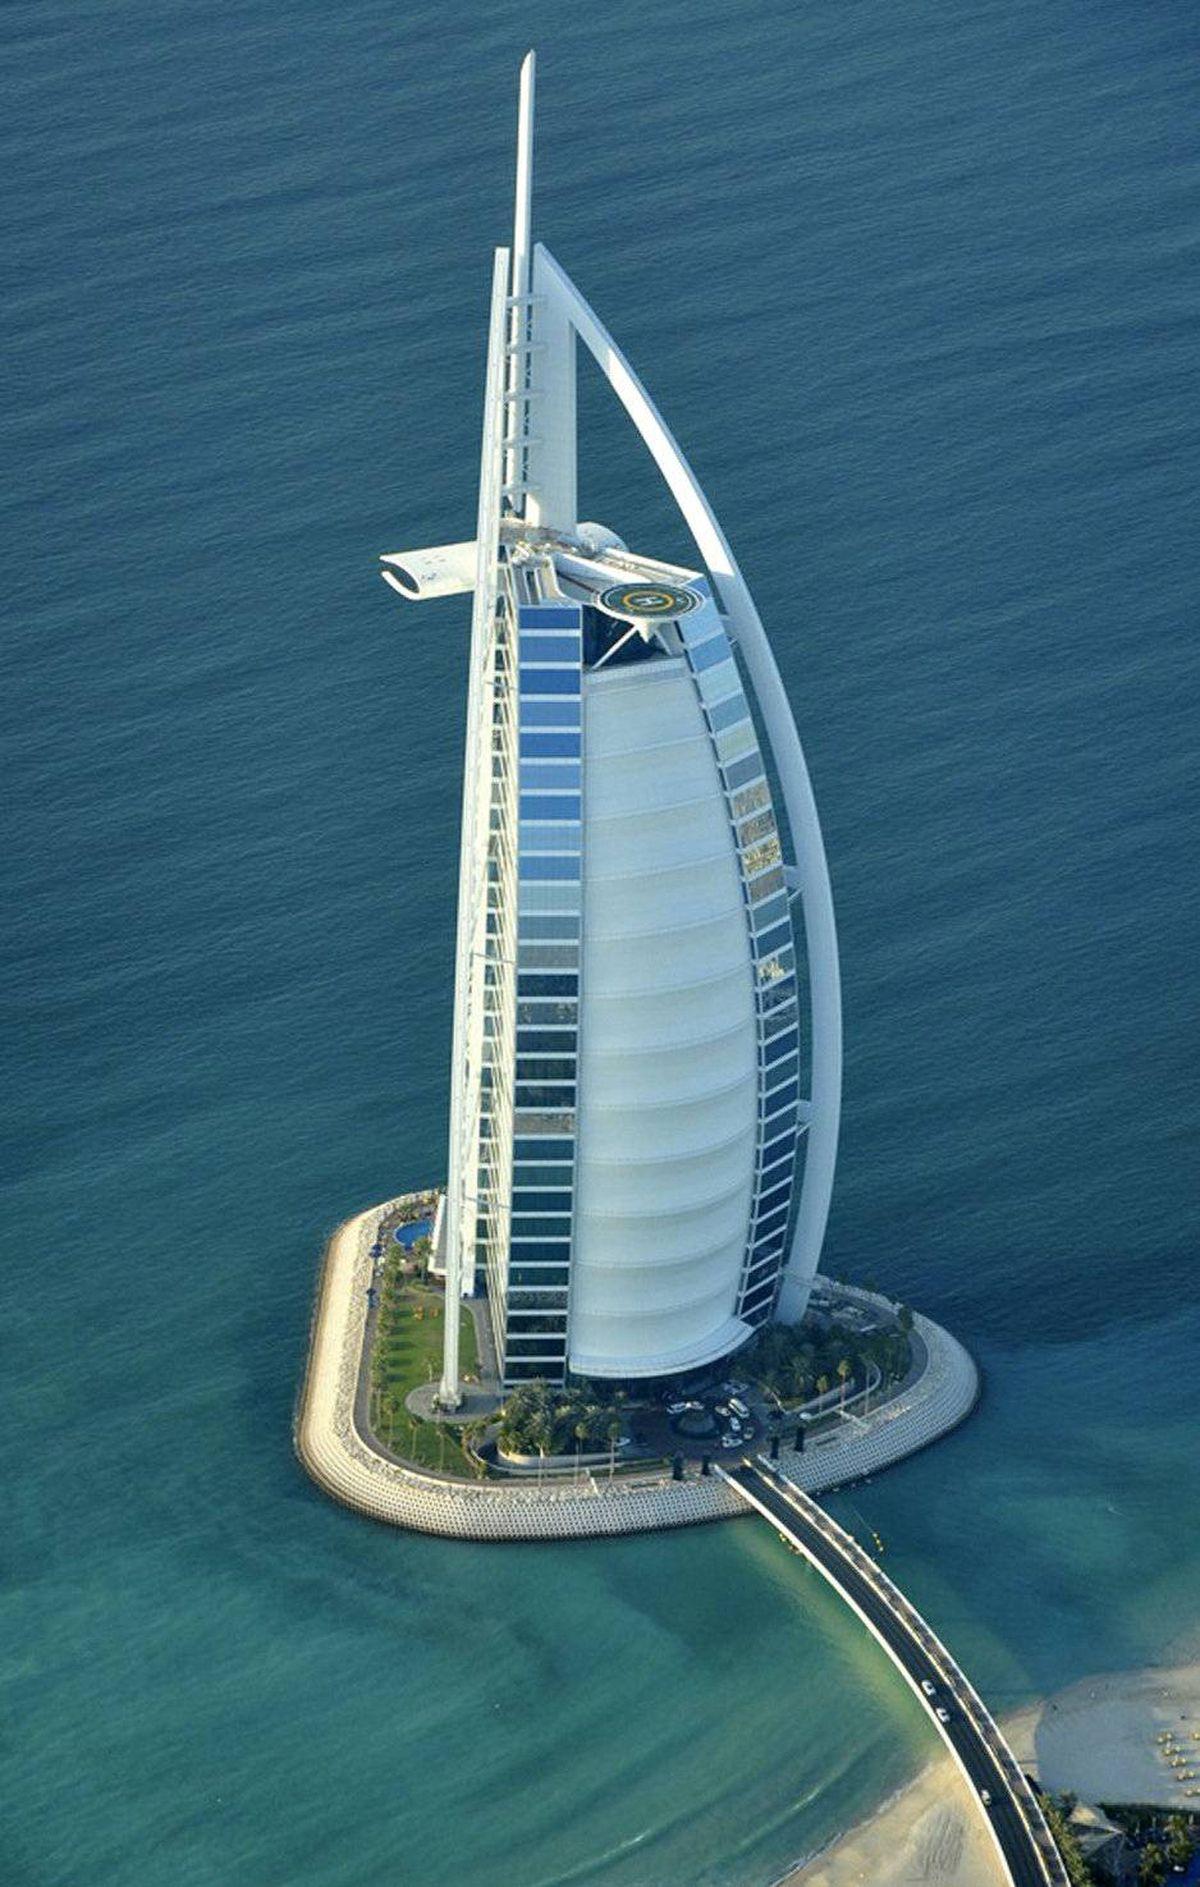 An aerial view of the Burj Al Arab hotel in Dubai December 21, 2009.